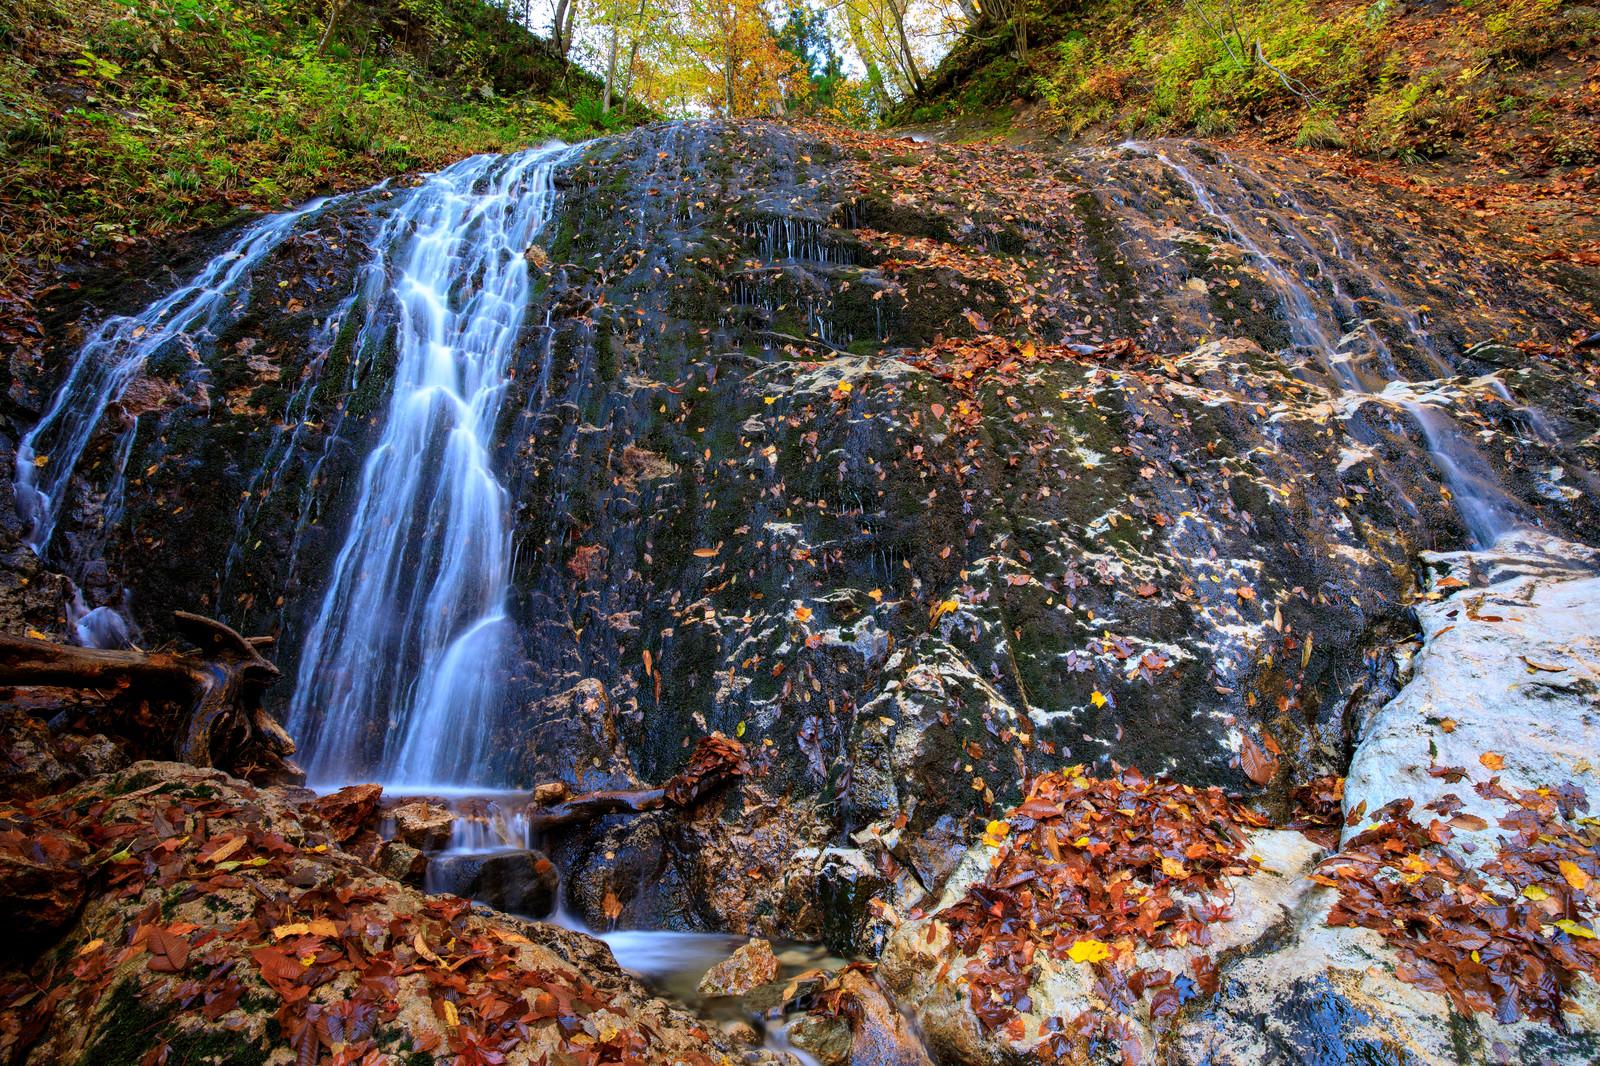 「渓流の小さな滝から流れる水と落ち葉」の写真